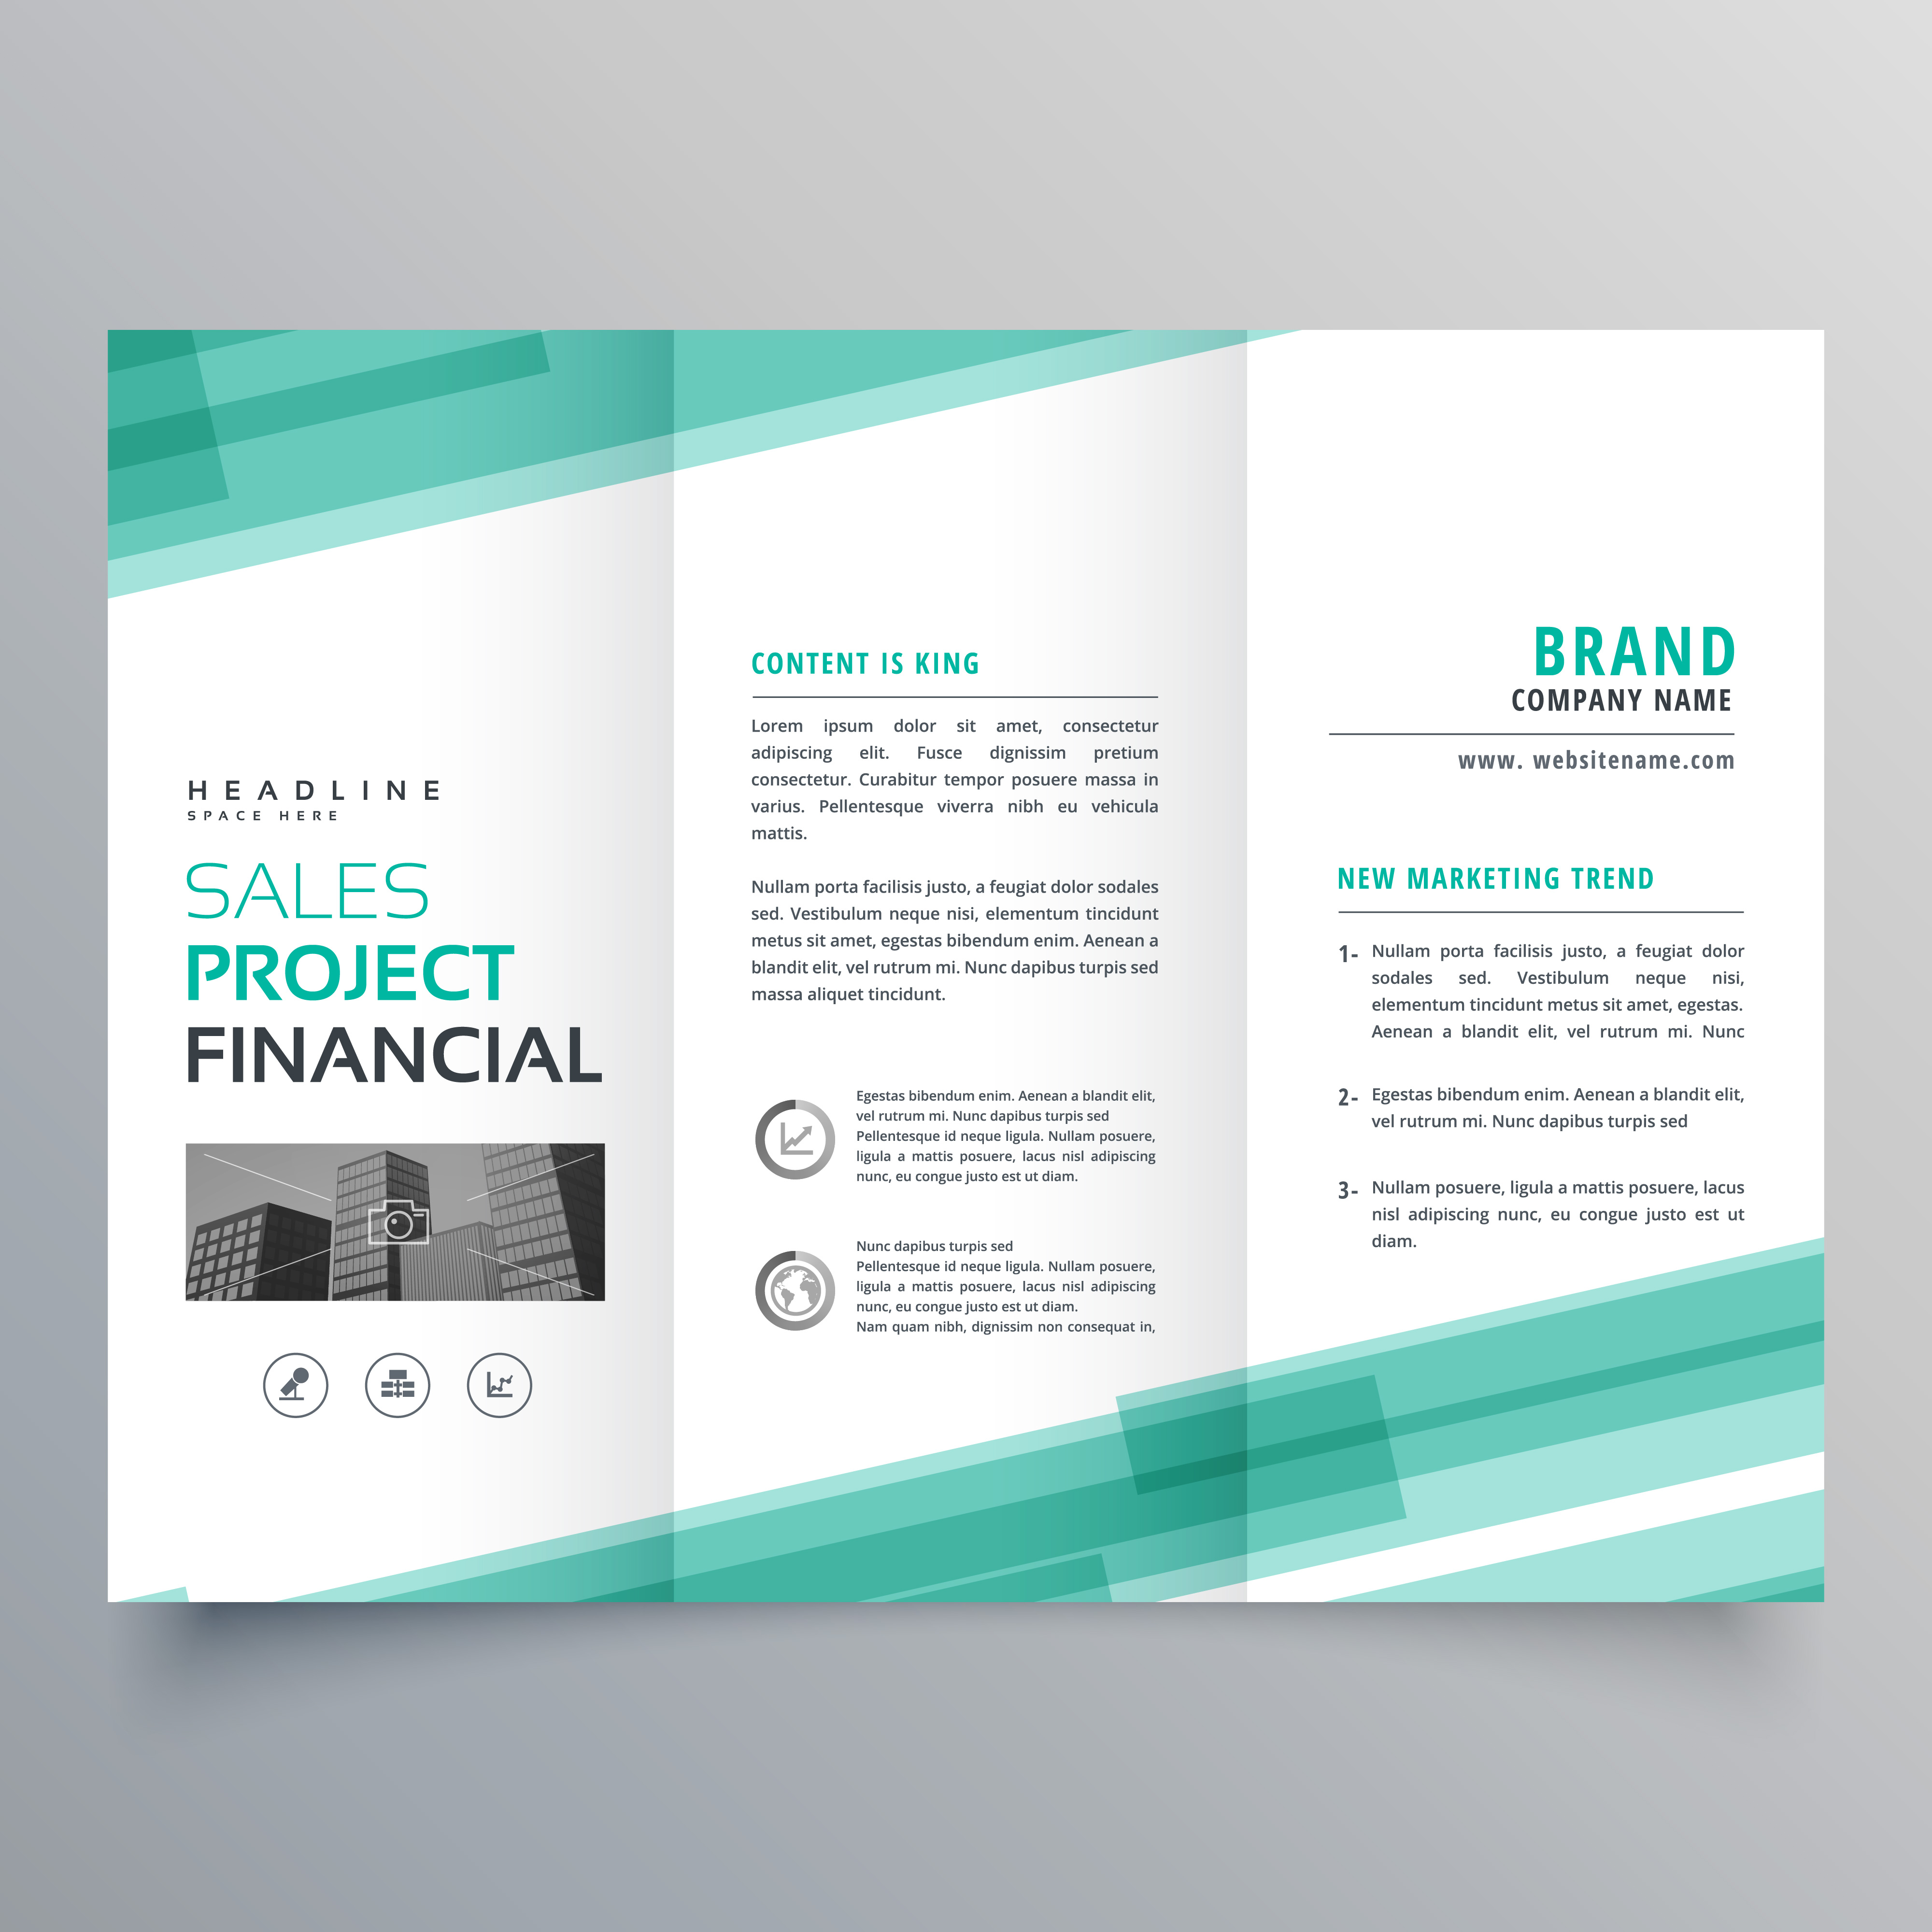 diseño de folleto plantilla tríptico verde abstracto - Descargue ...